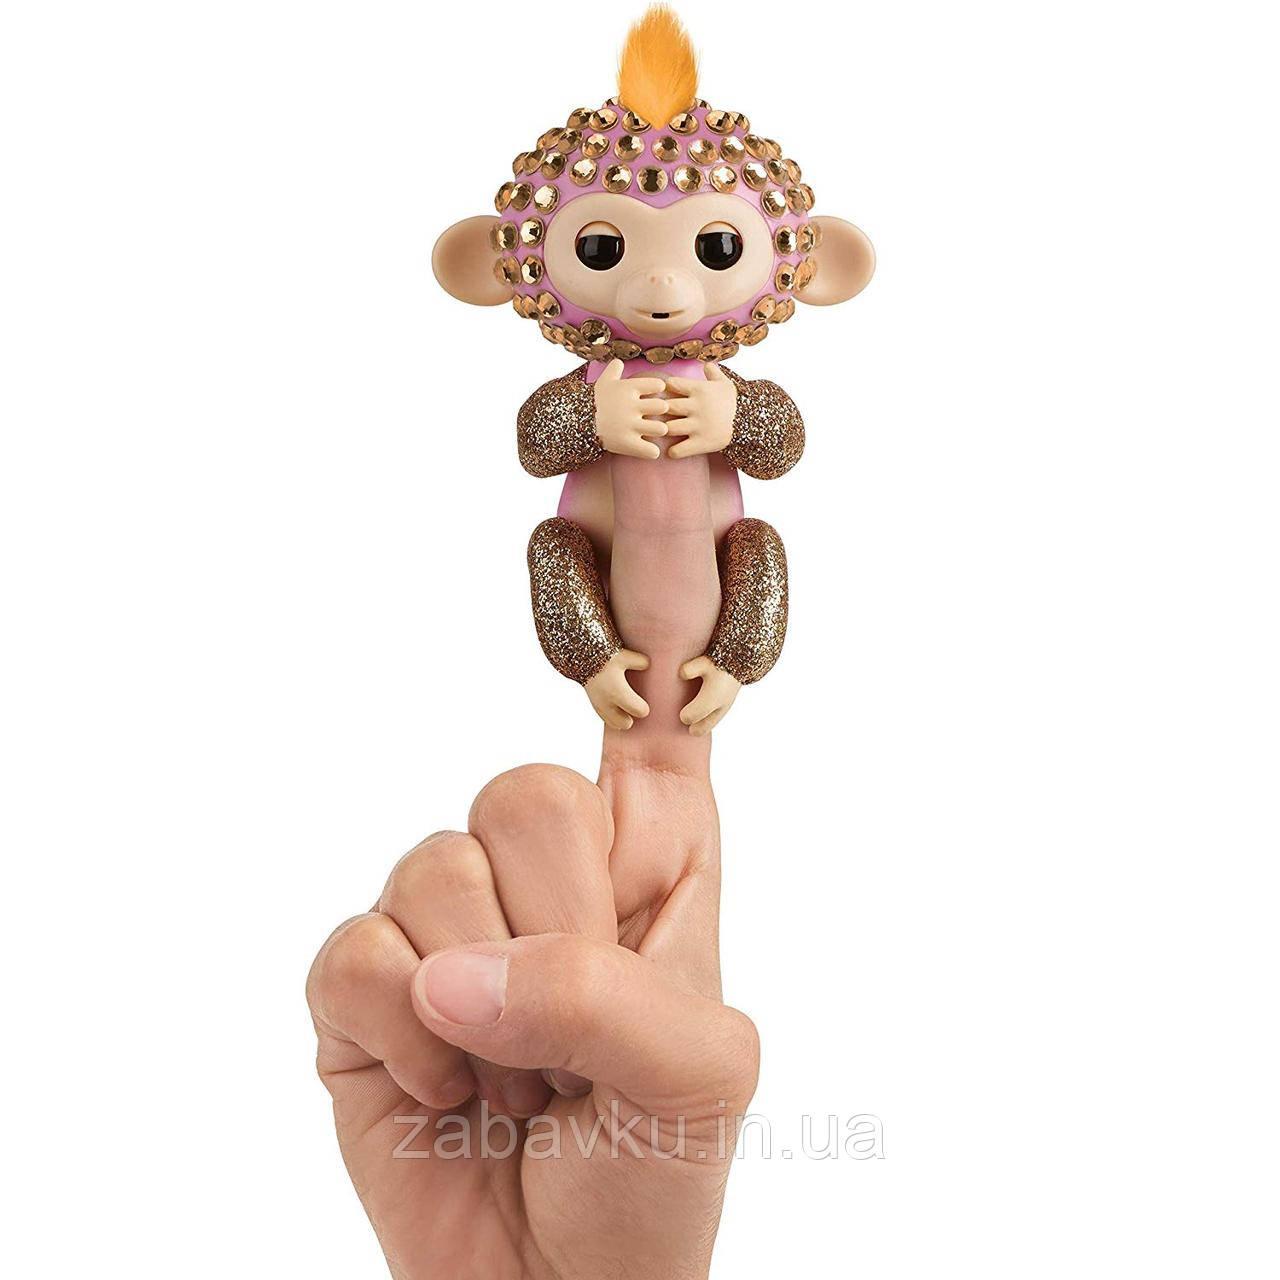 Фінгерлінз інтерактивна мавпочка WowWee Fingerlings Фингерлингз интерактивная обезьянка на палец оригинал